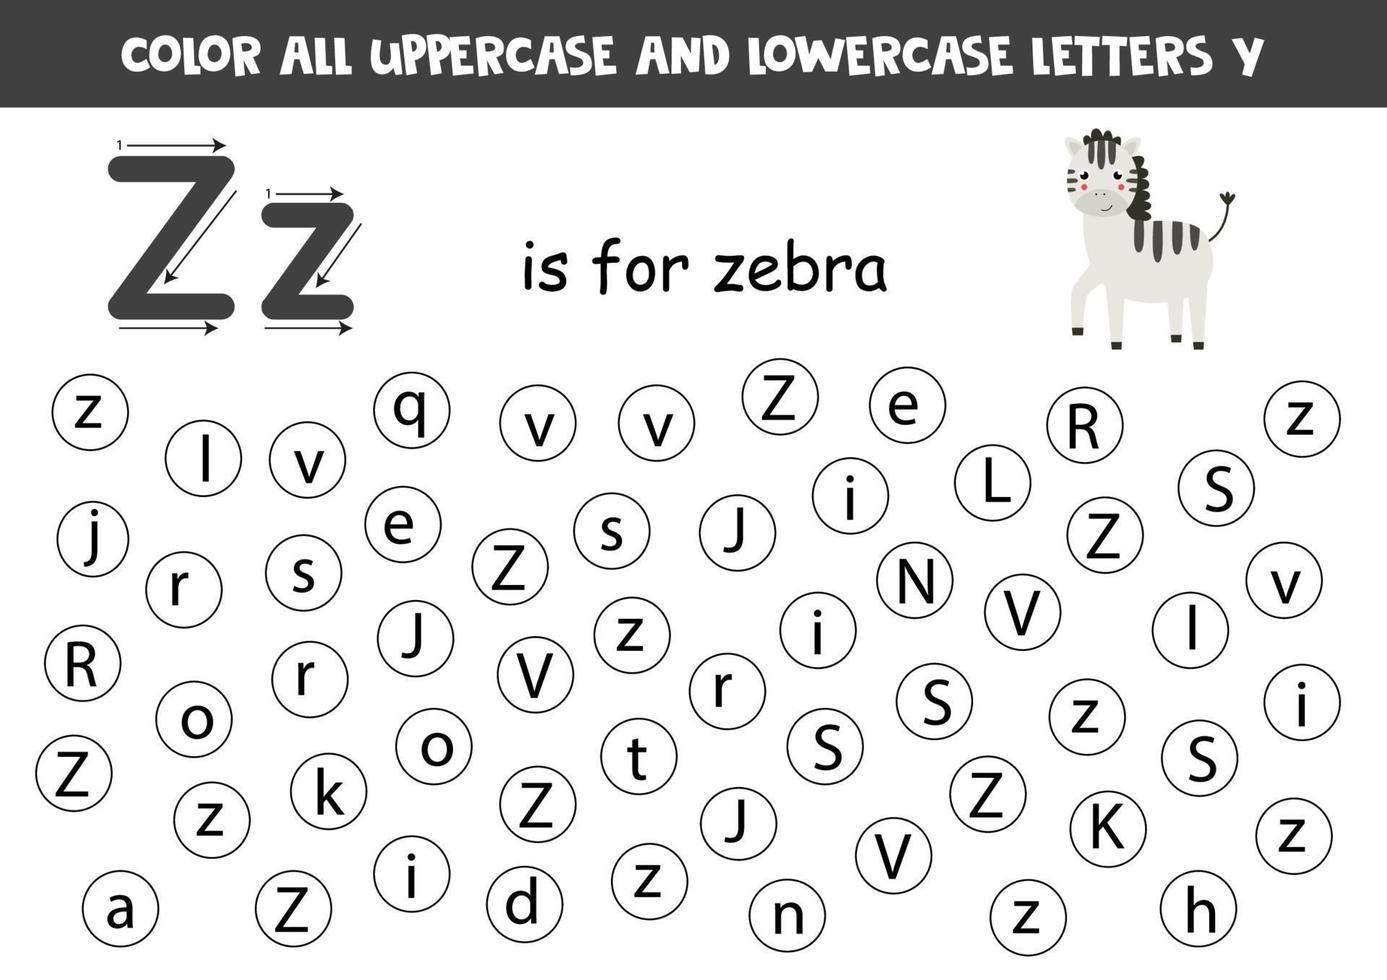 trova e colora tutte le lettere z. giochi di alfabeto per bambini. vettore